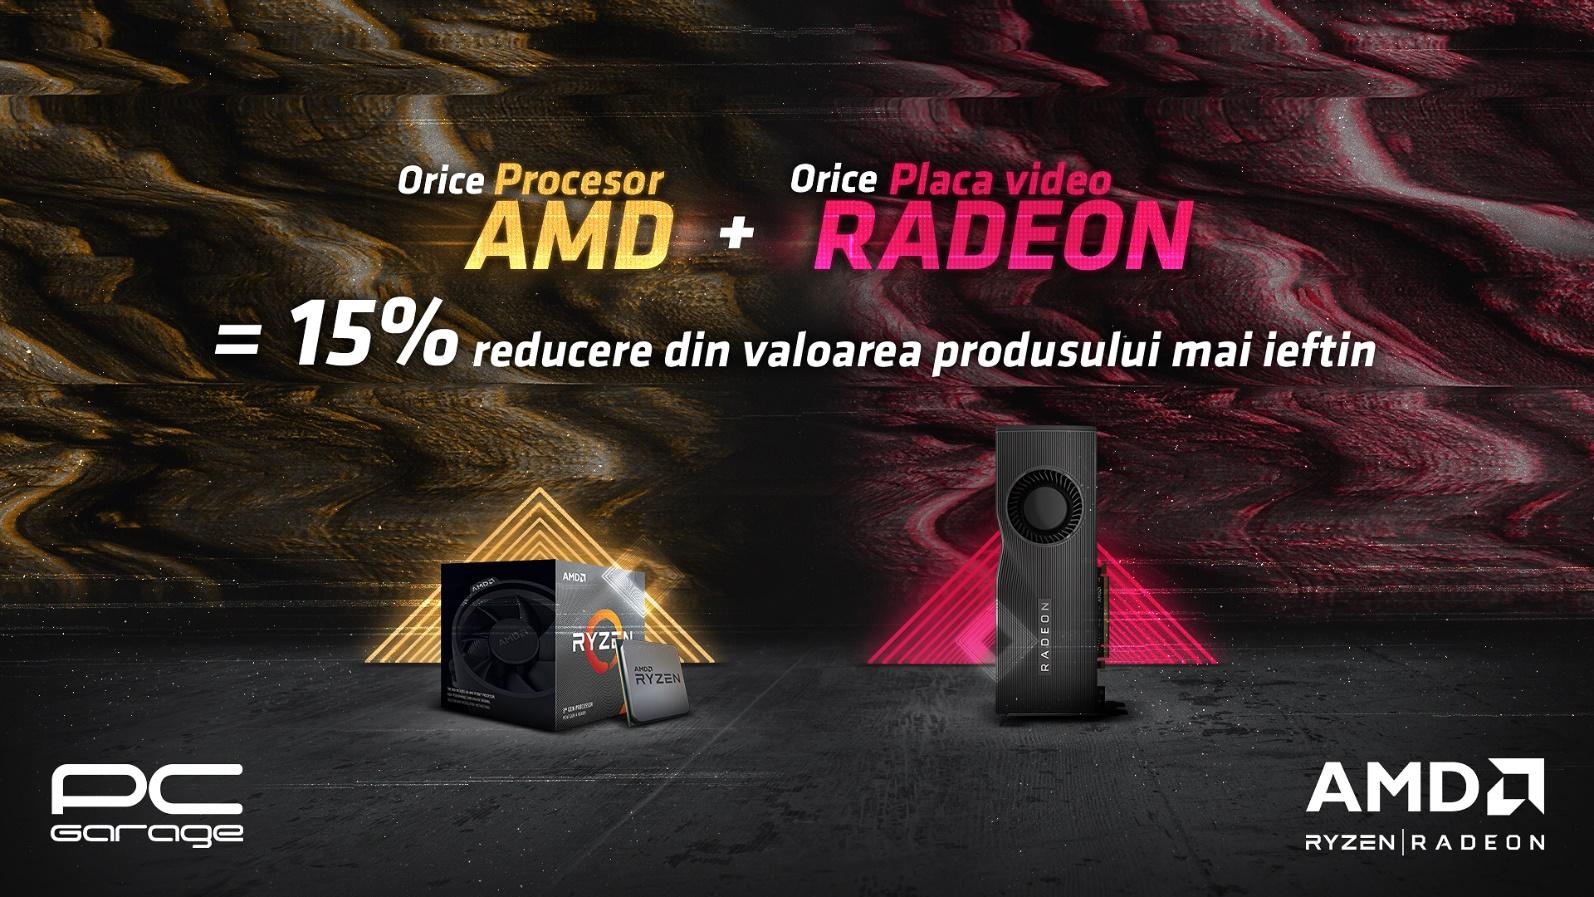 PC Garage oferă 15% reducere la orice achiziție de procesor AMD și placă video AMD